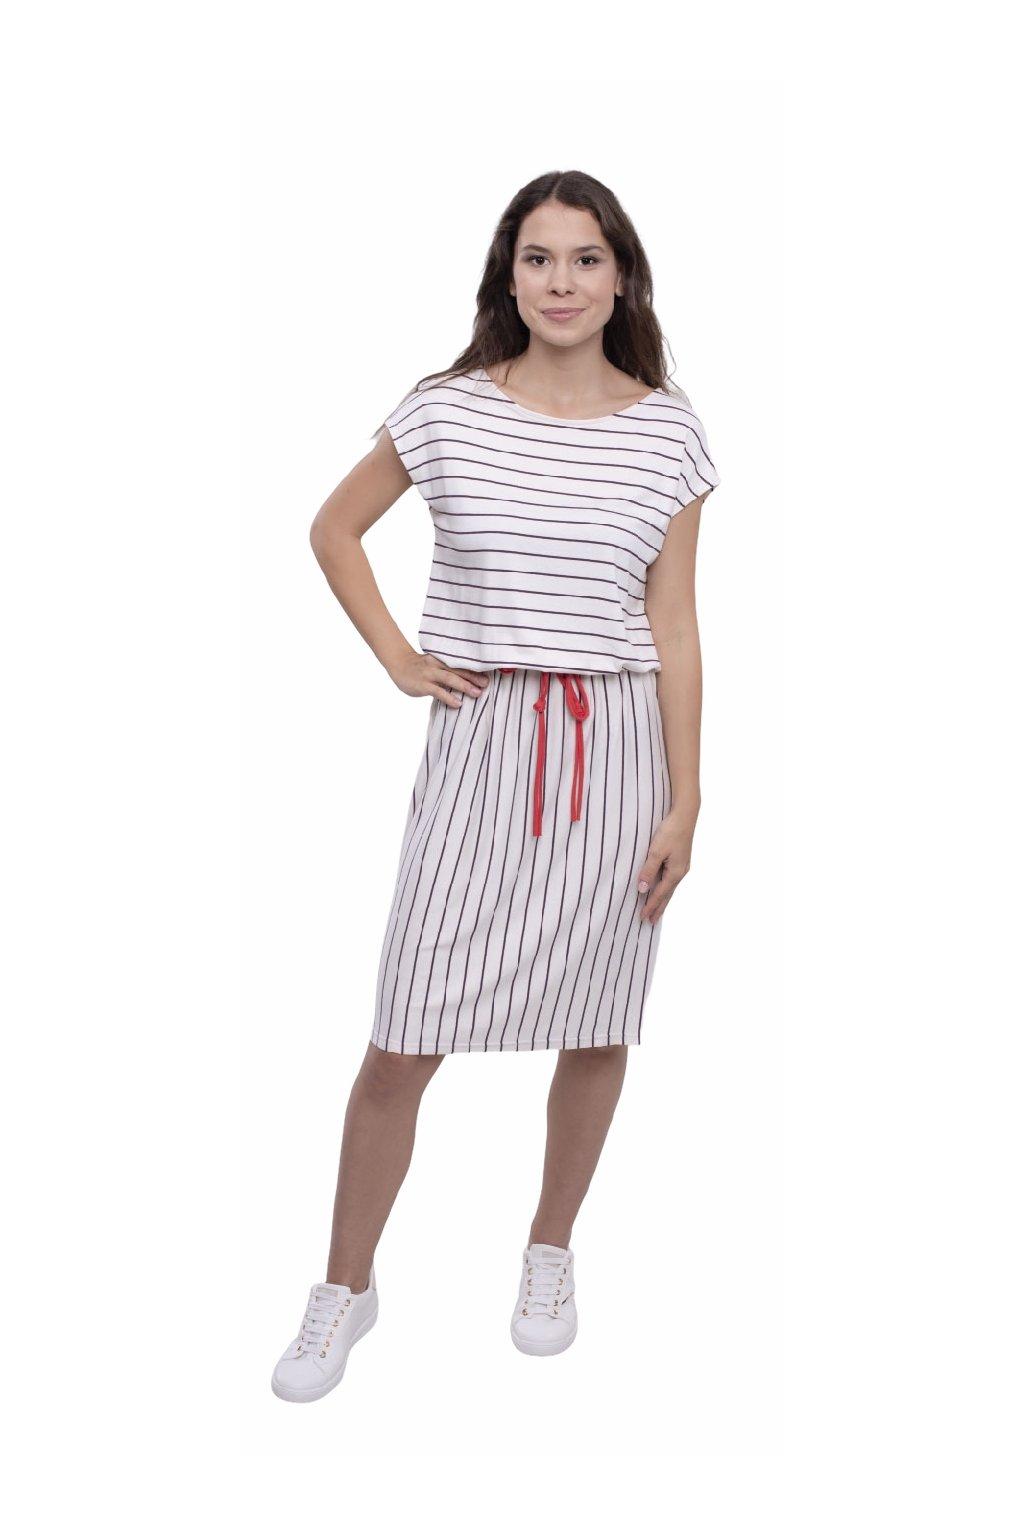 Dámské šaty s krátkým rukávem, 105142 175, fialová